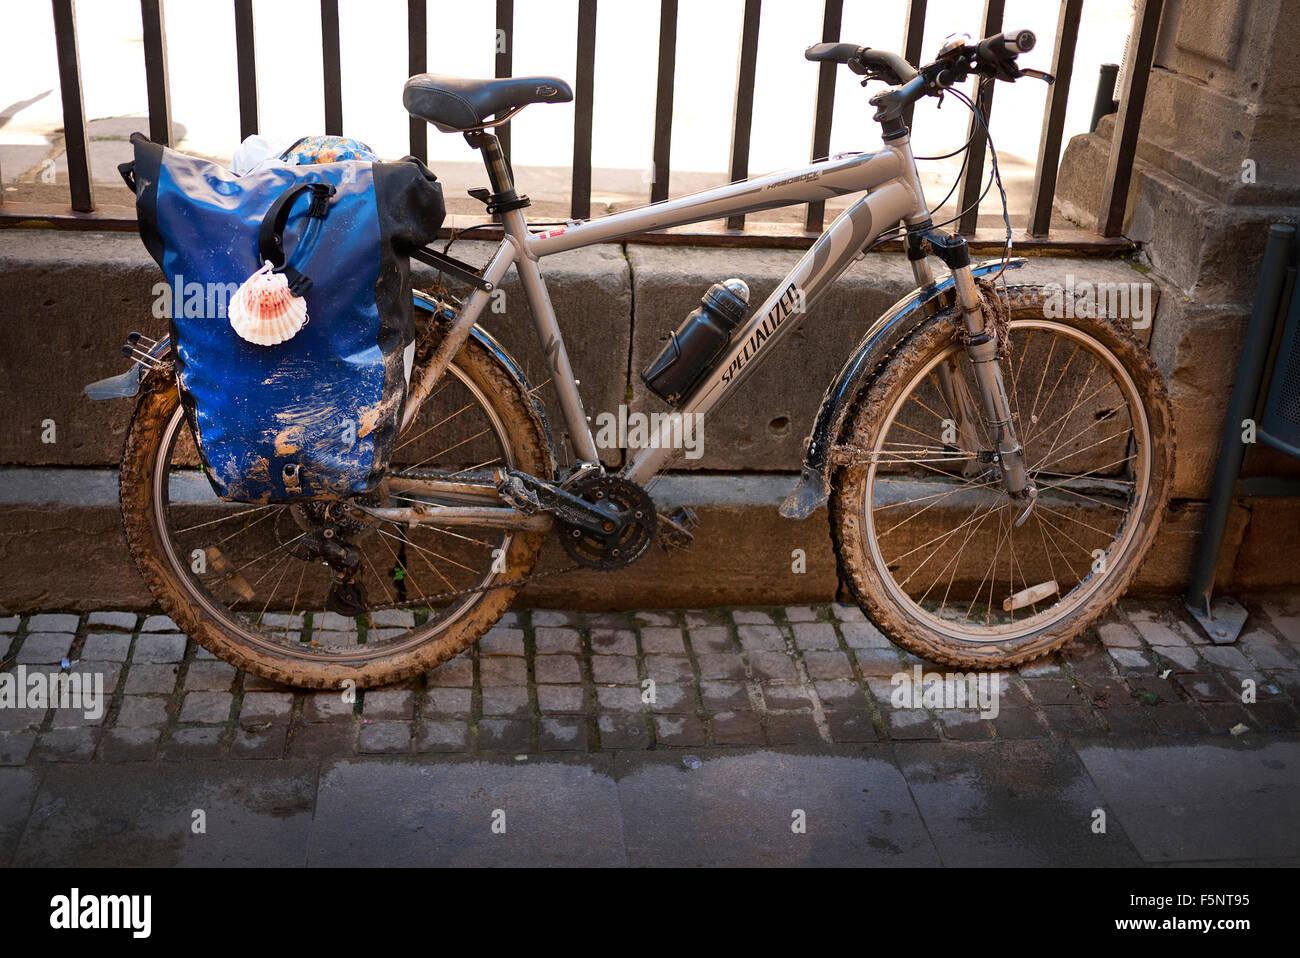 A muddy camino mountain bike en-route to Santiago de Compostela in Spain. - Stock Image